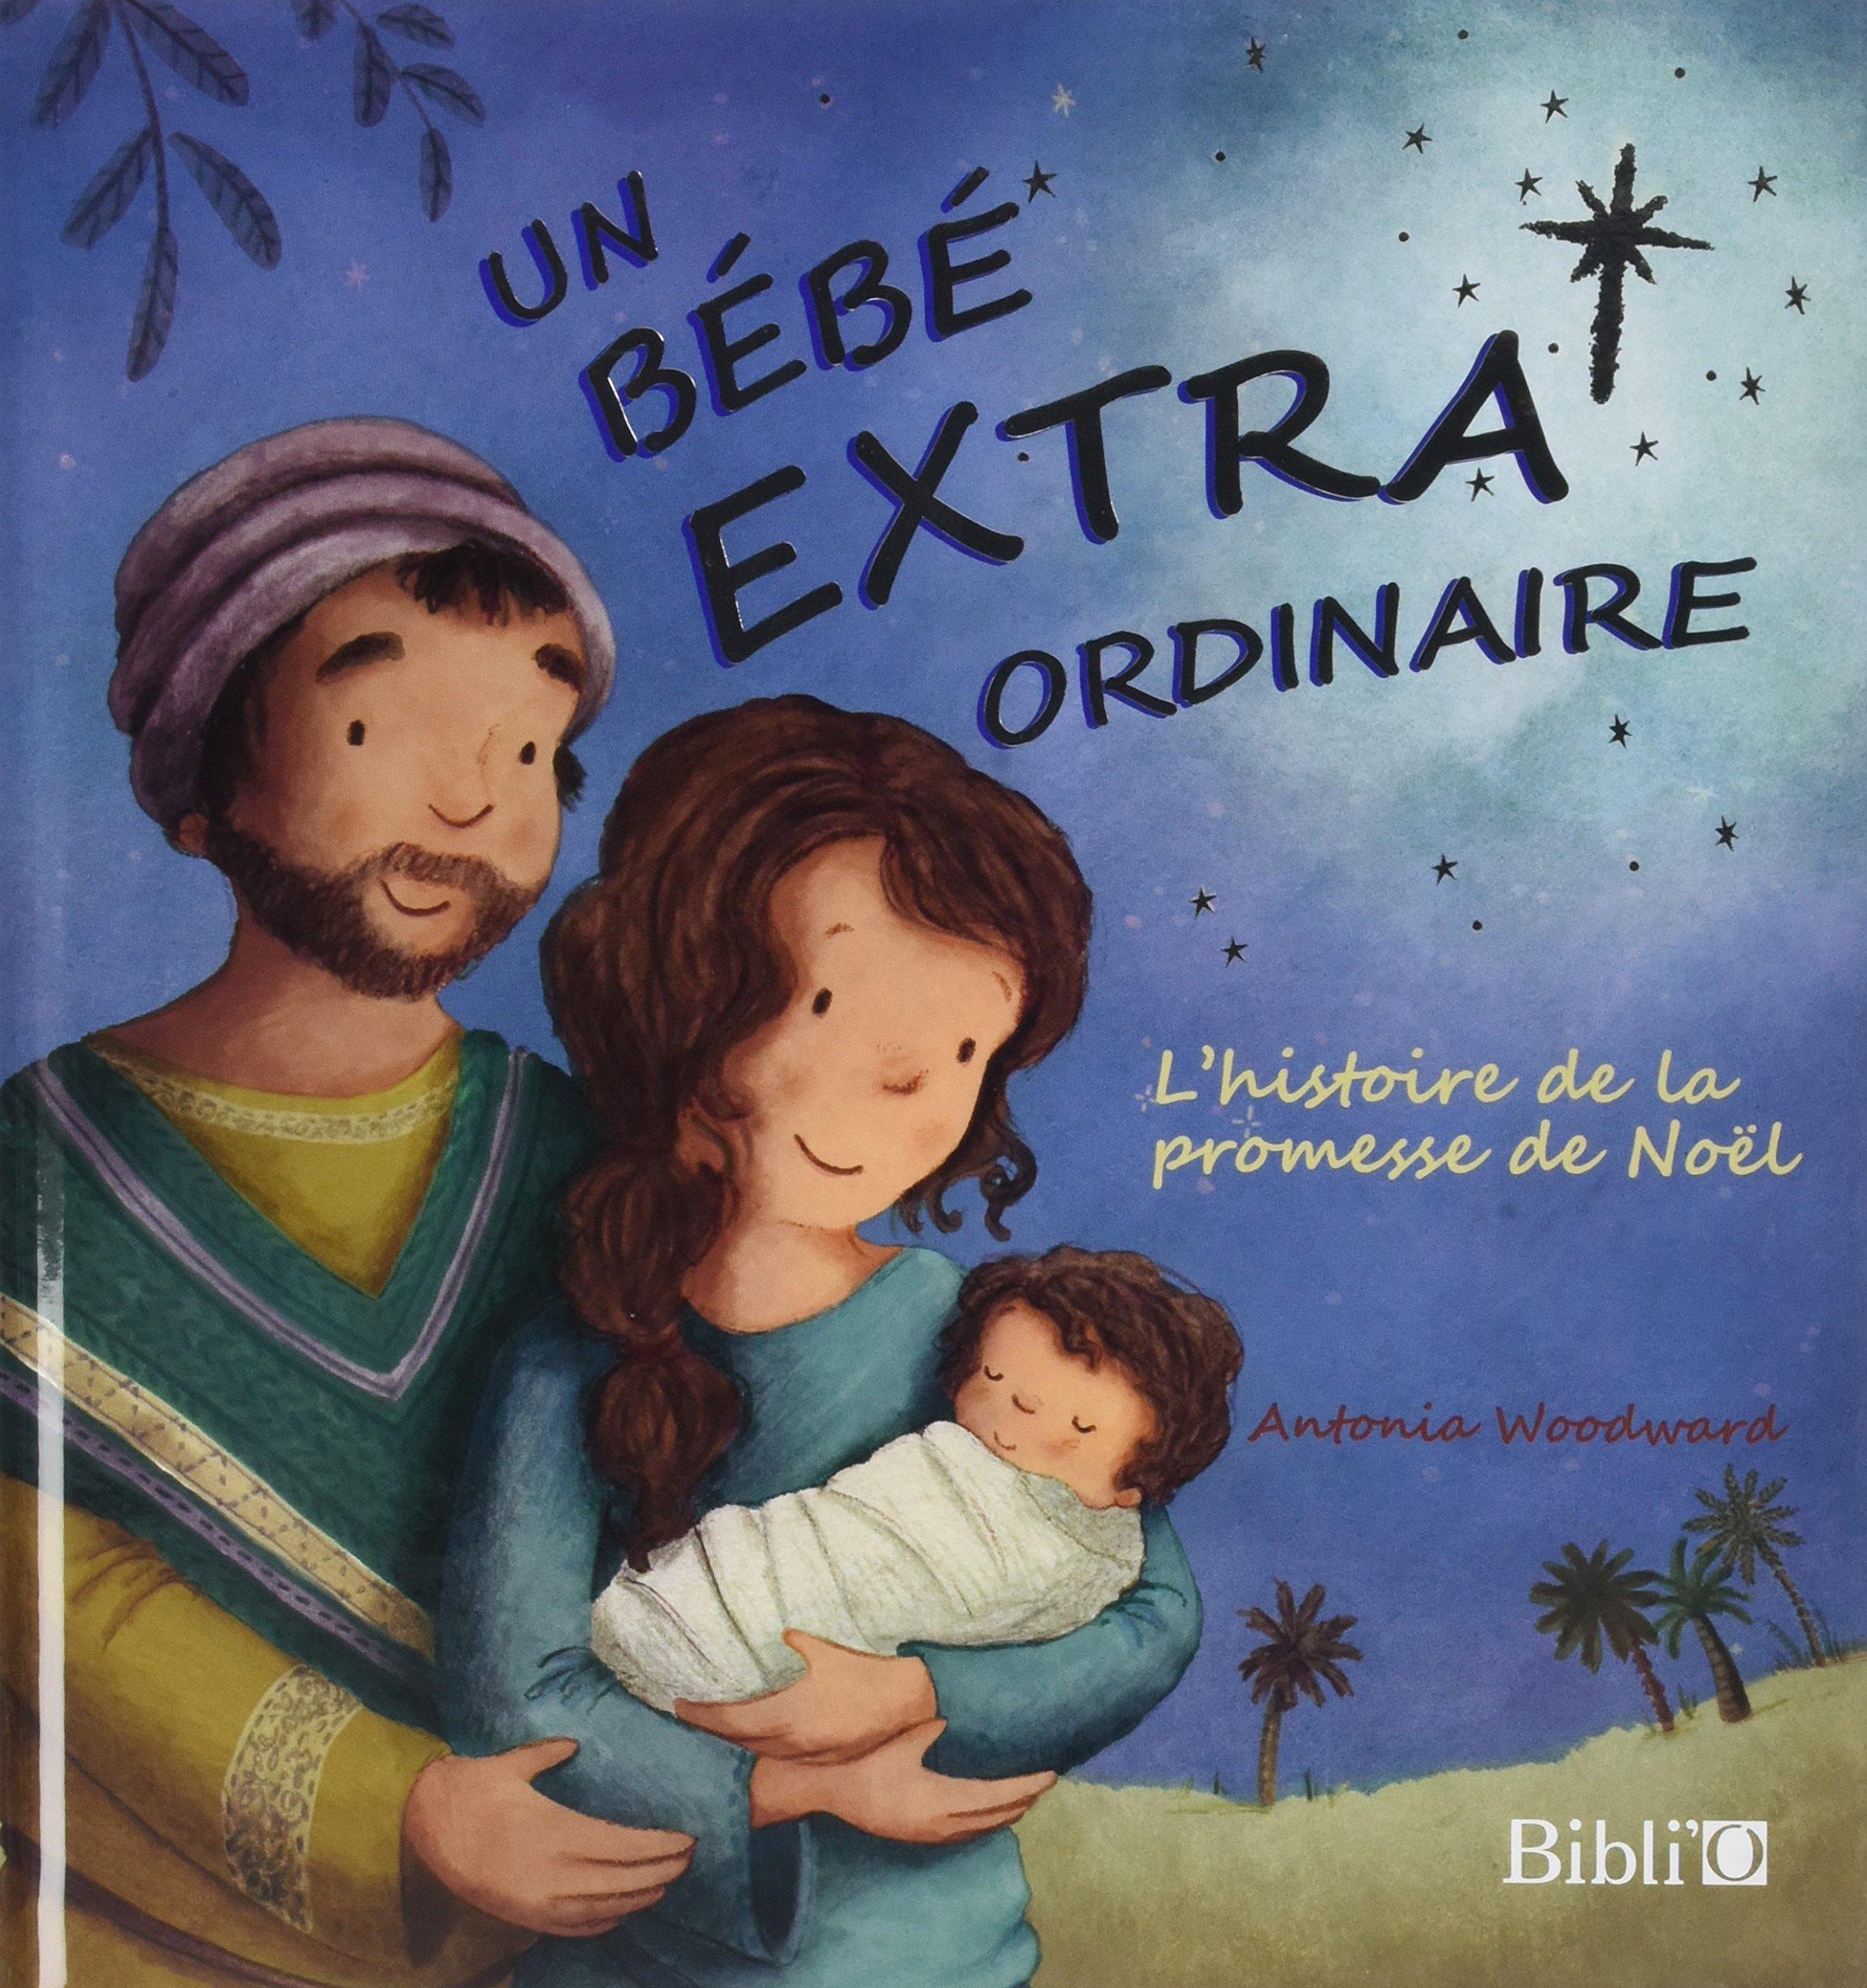 La Promesse De Noel.Un Bébé Extraordinaire L Histoire De La Promesse De Noël